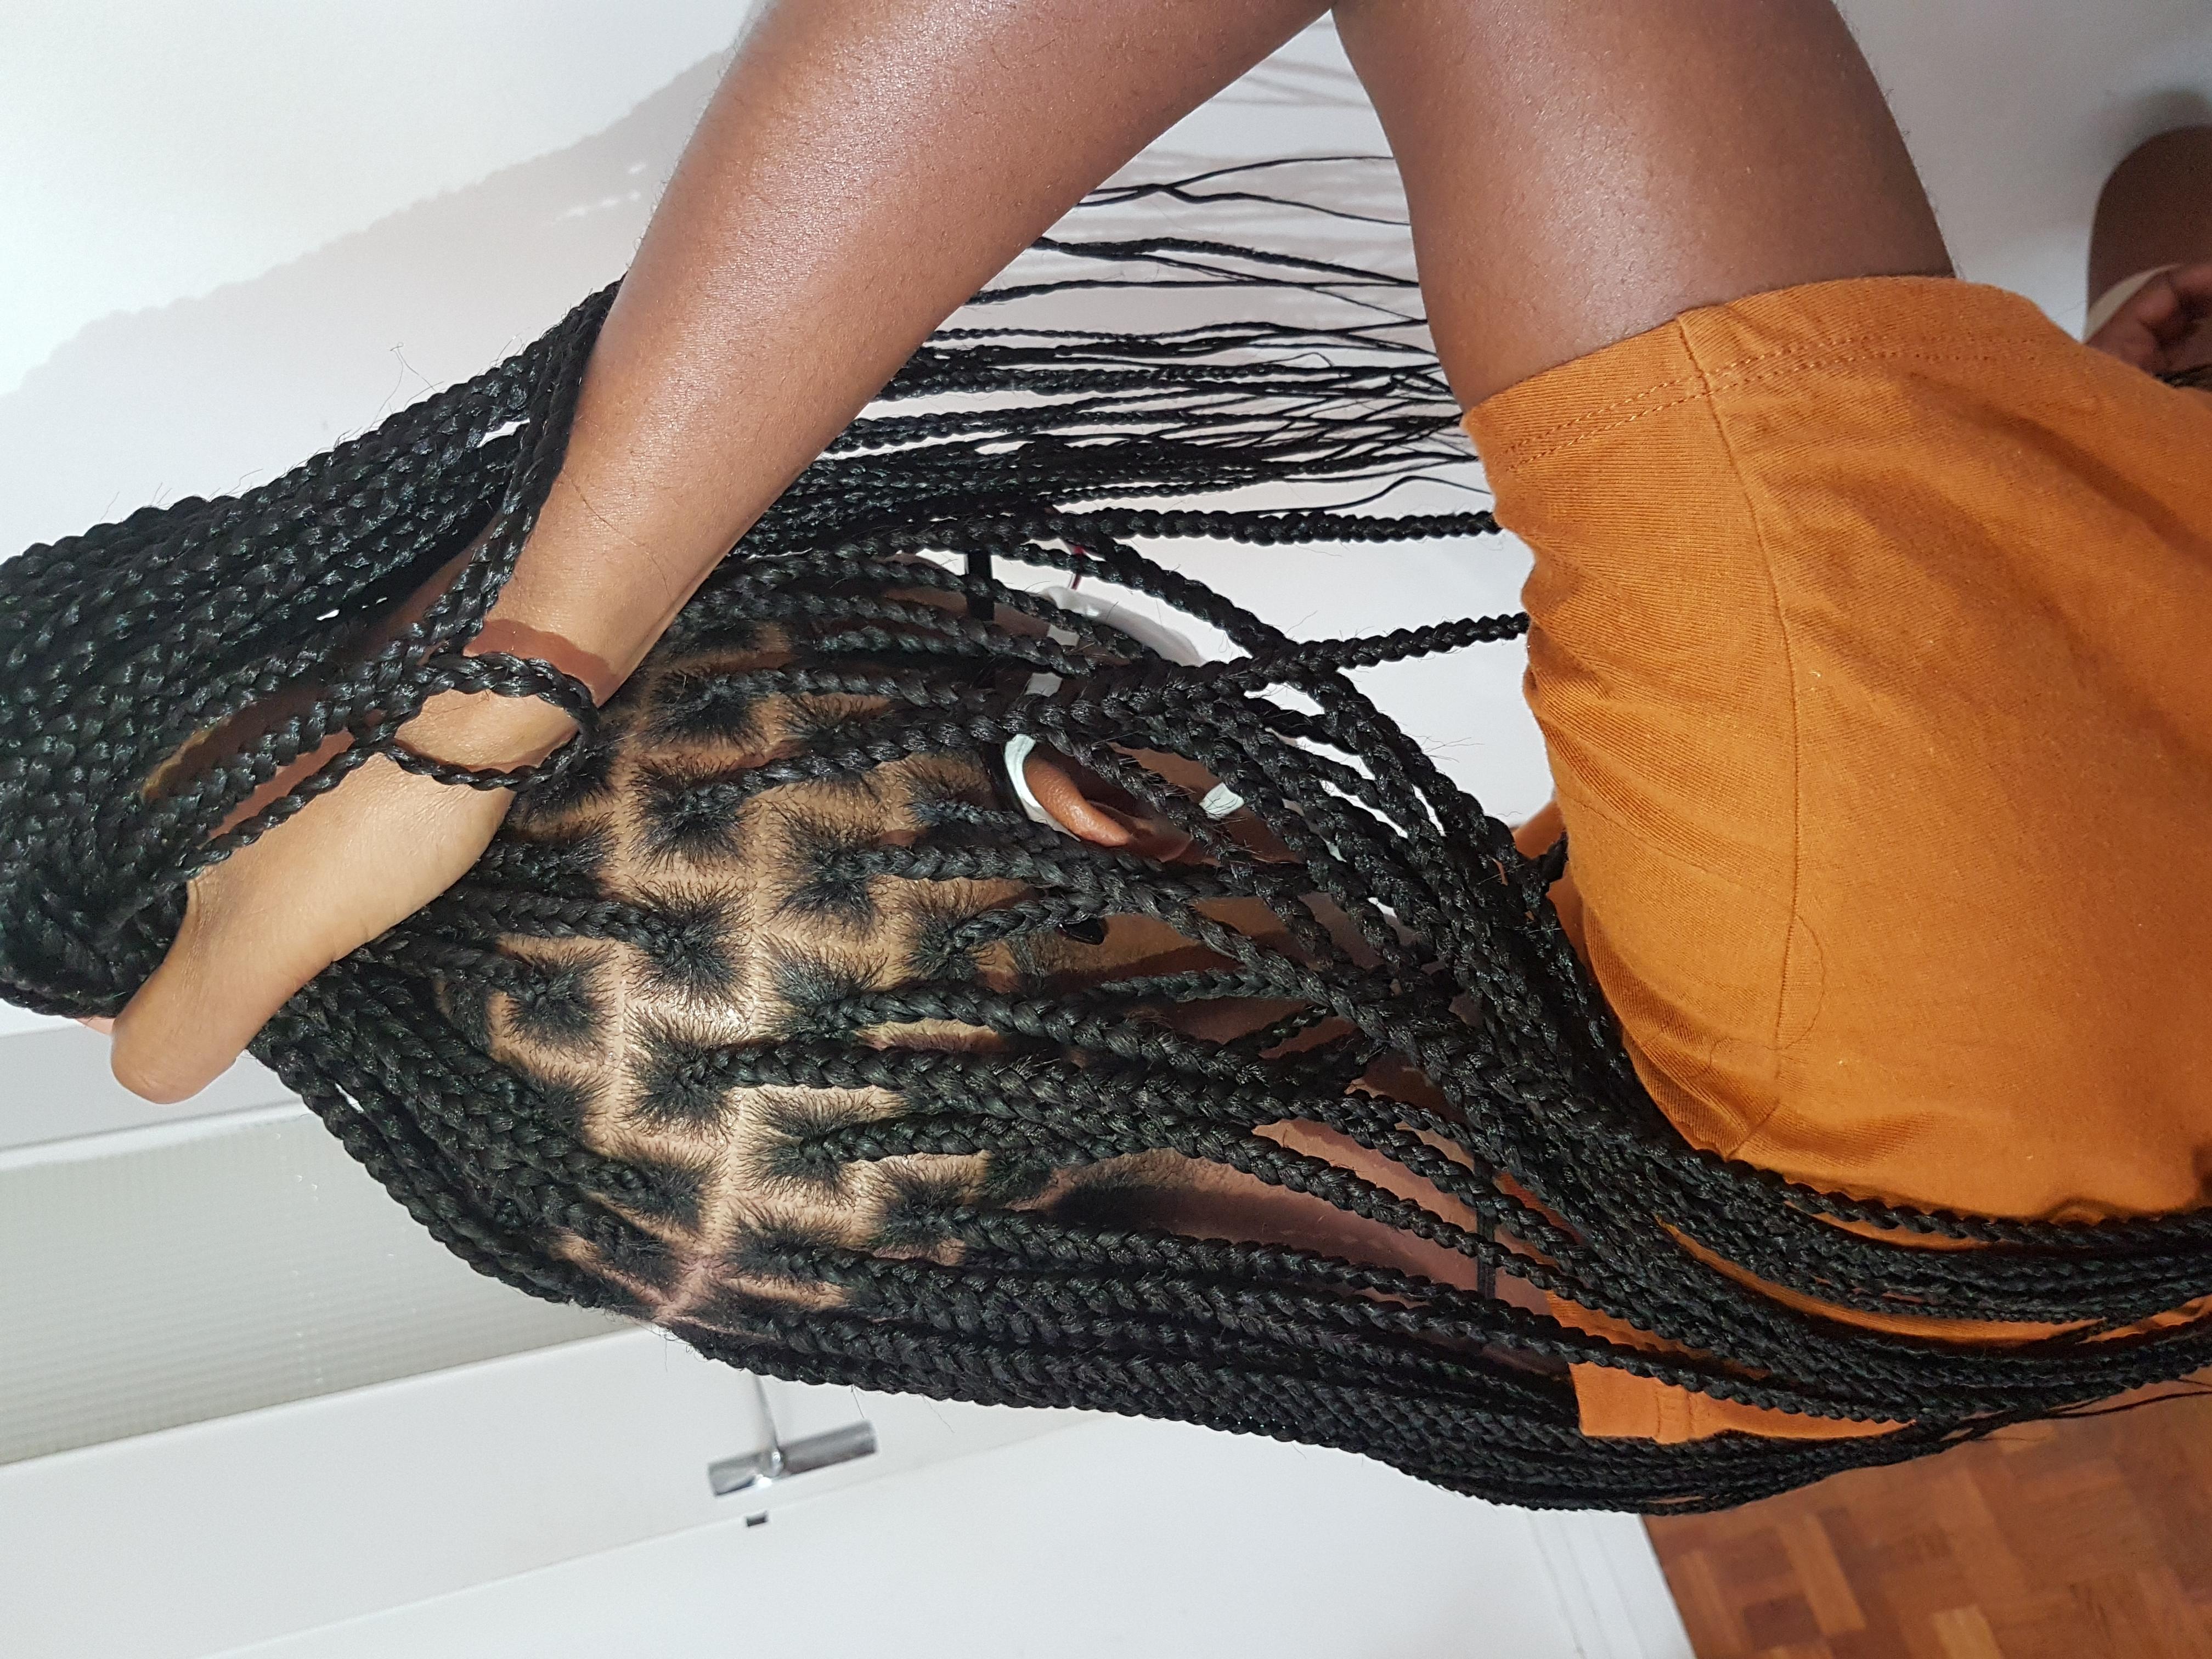 salon de coiffure afro tresse tresses box braids crochet braids vanilles tissages paris 75 77 78 91 92 93 94 95 IAOTXTQY